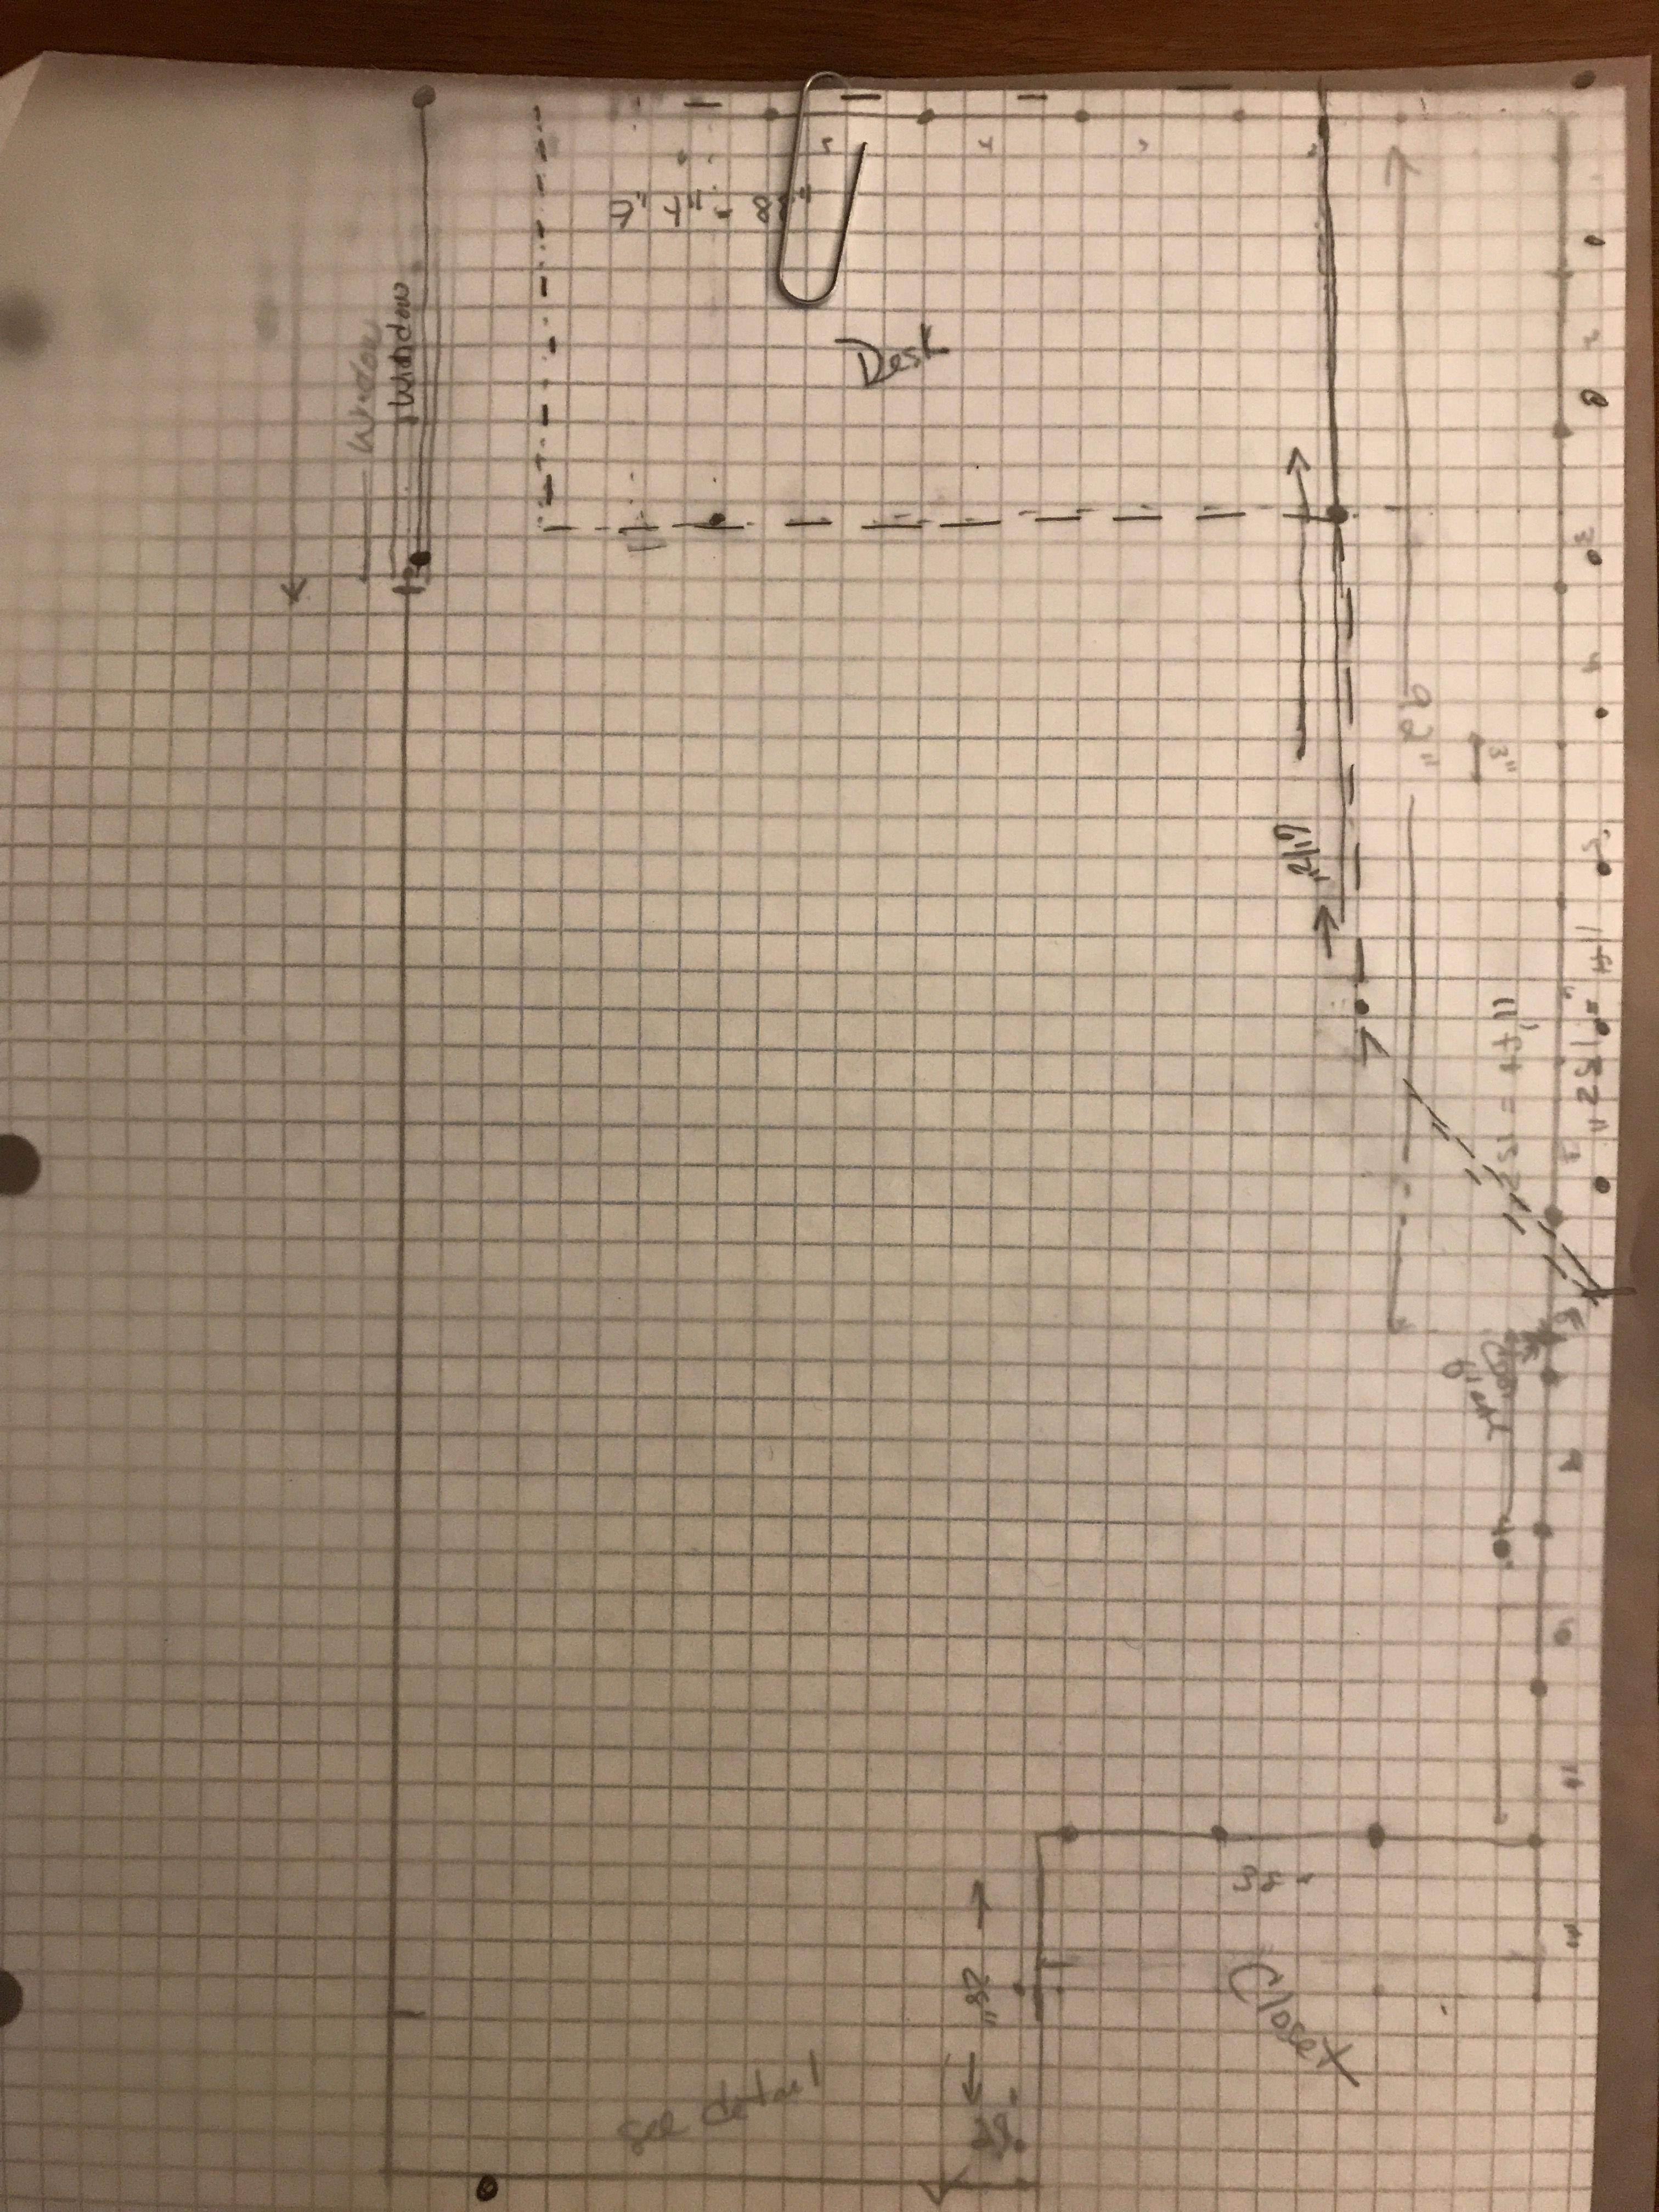 Pin By Erin Cardon On Dan S Home Math Sheet Music Music